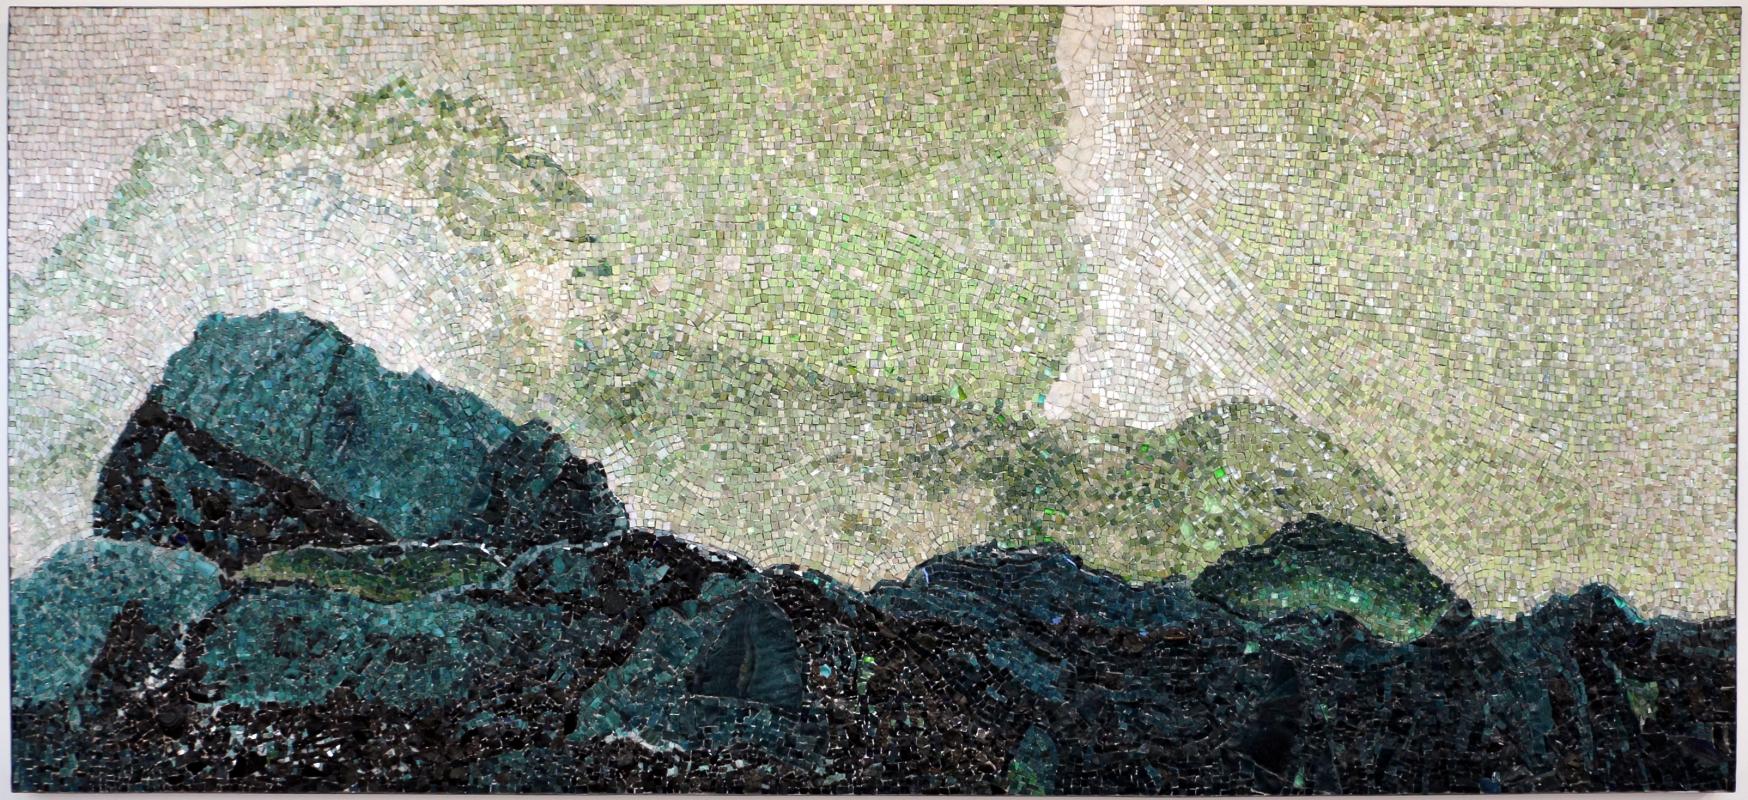 Luciana notturni e daniele strada su dis. di michelangelo antonioni, le montagne incantate, 1997 - Sailko - Ravenna (RA)